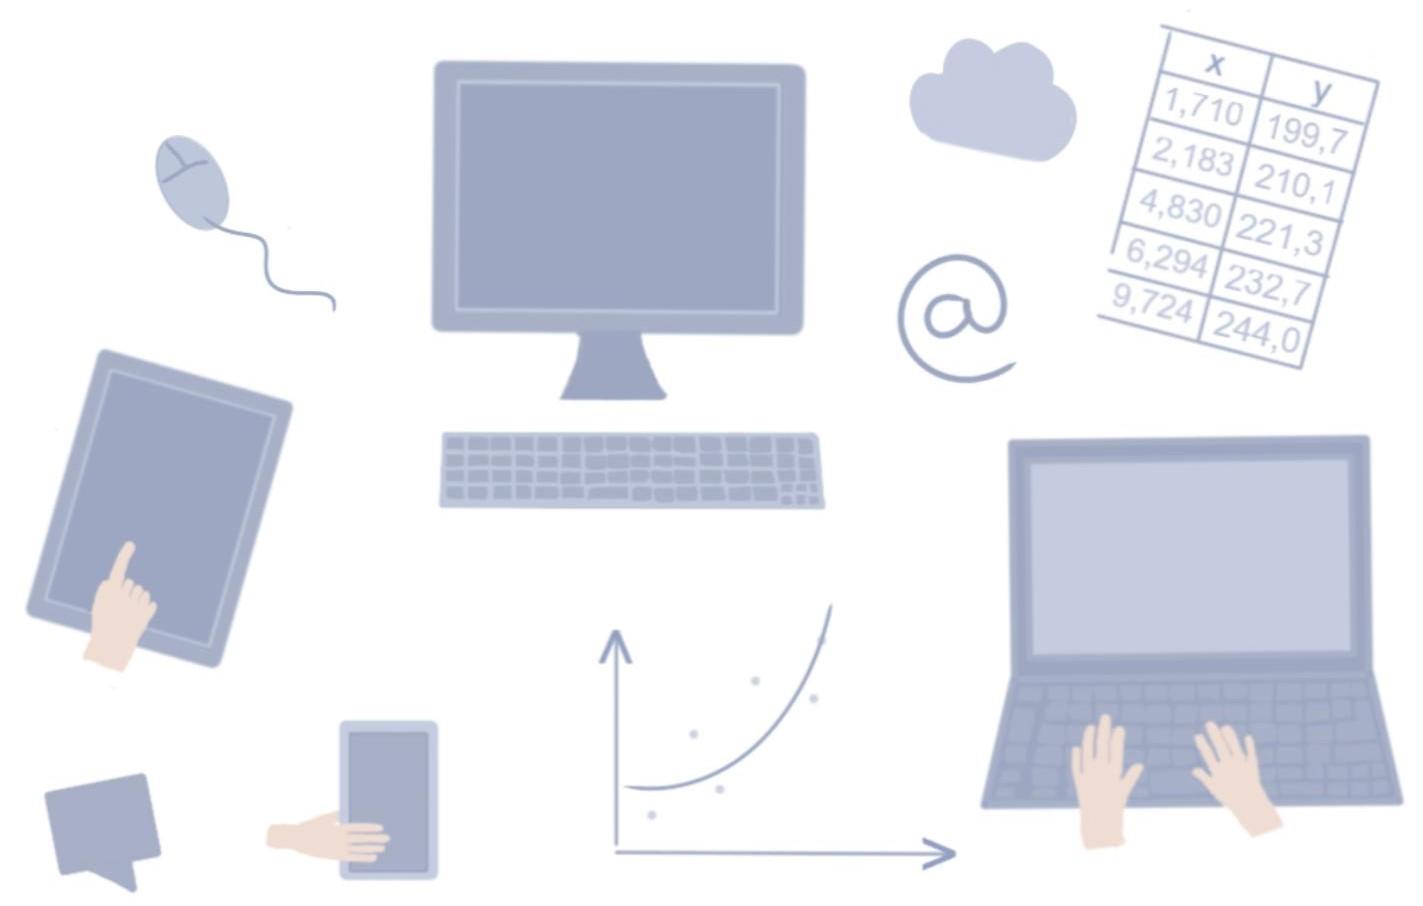 Lukion fysiikan opettajien suhtautuminen opetuksen digitalisaatioon